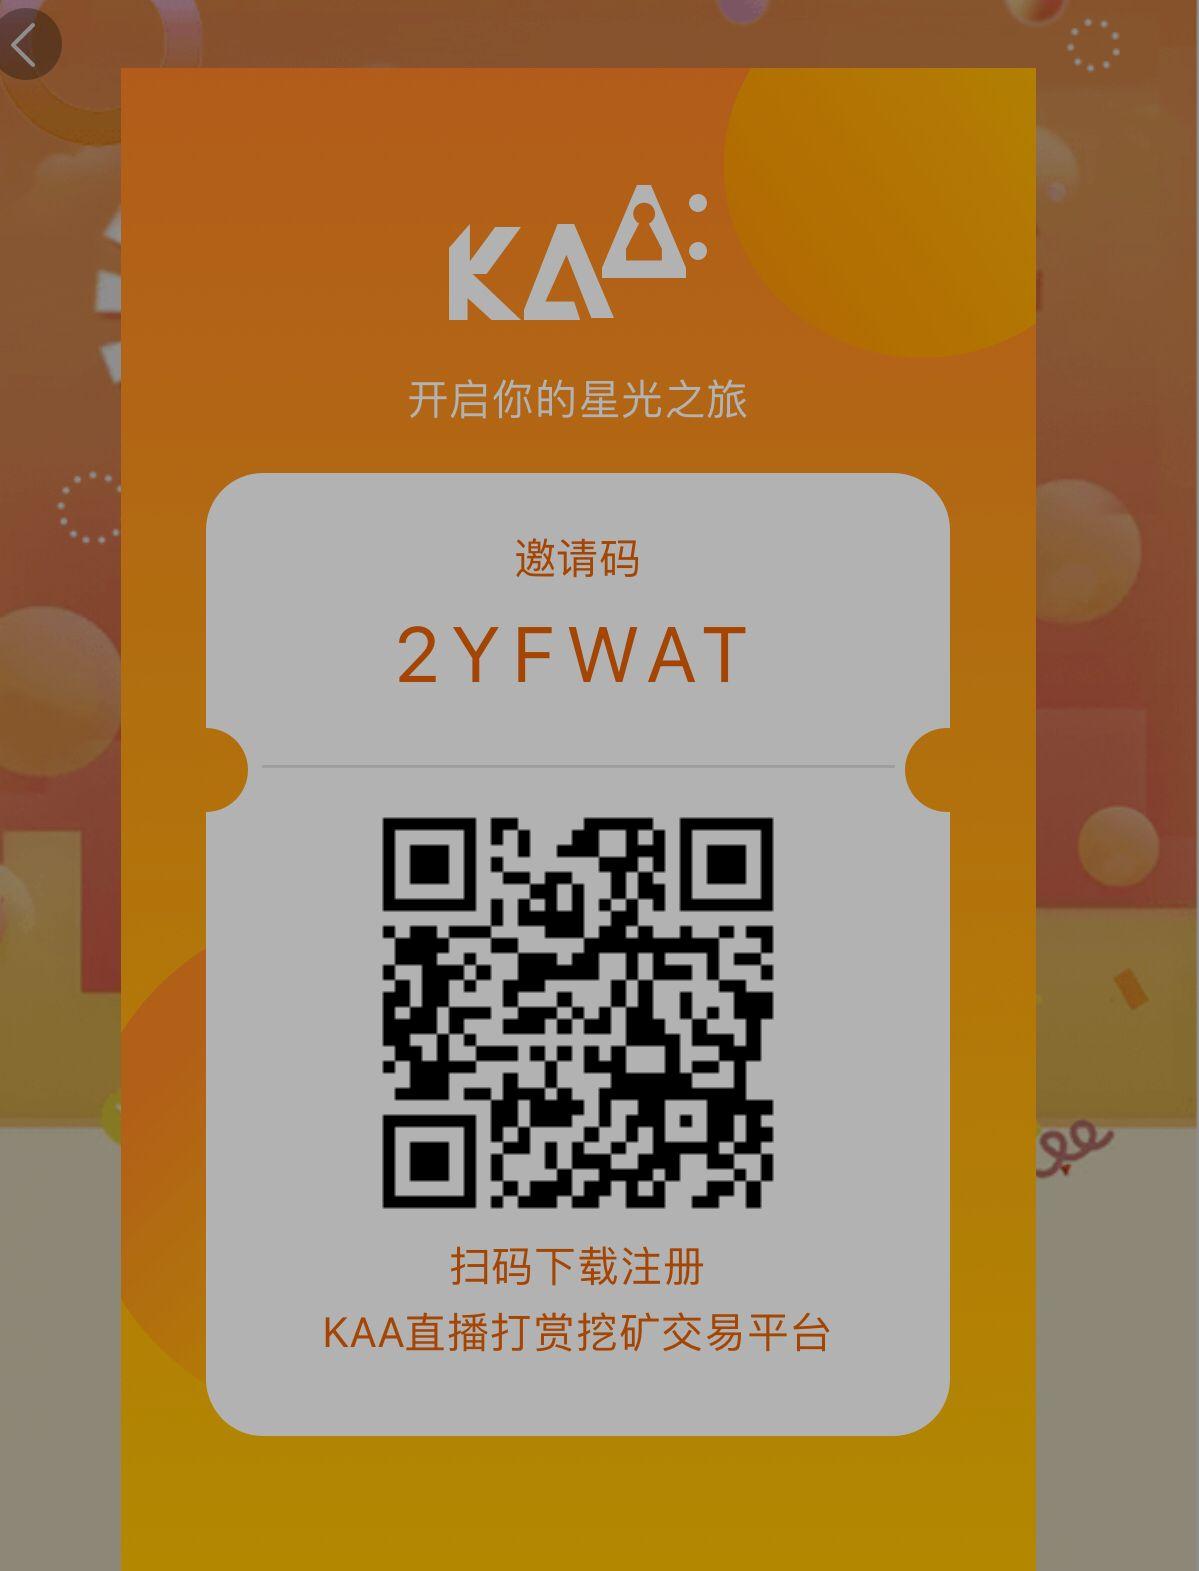 8月18日上线韩国KAA直播平台?错过了火牛视频,你还打算放弃这个吗?